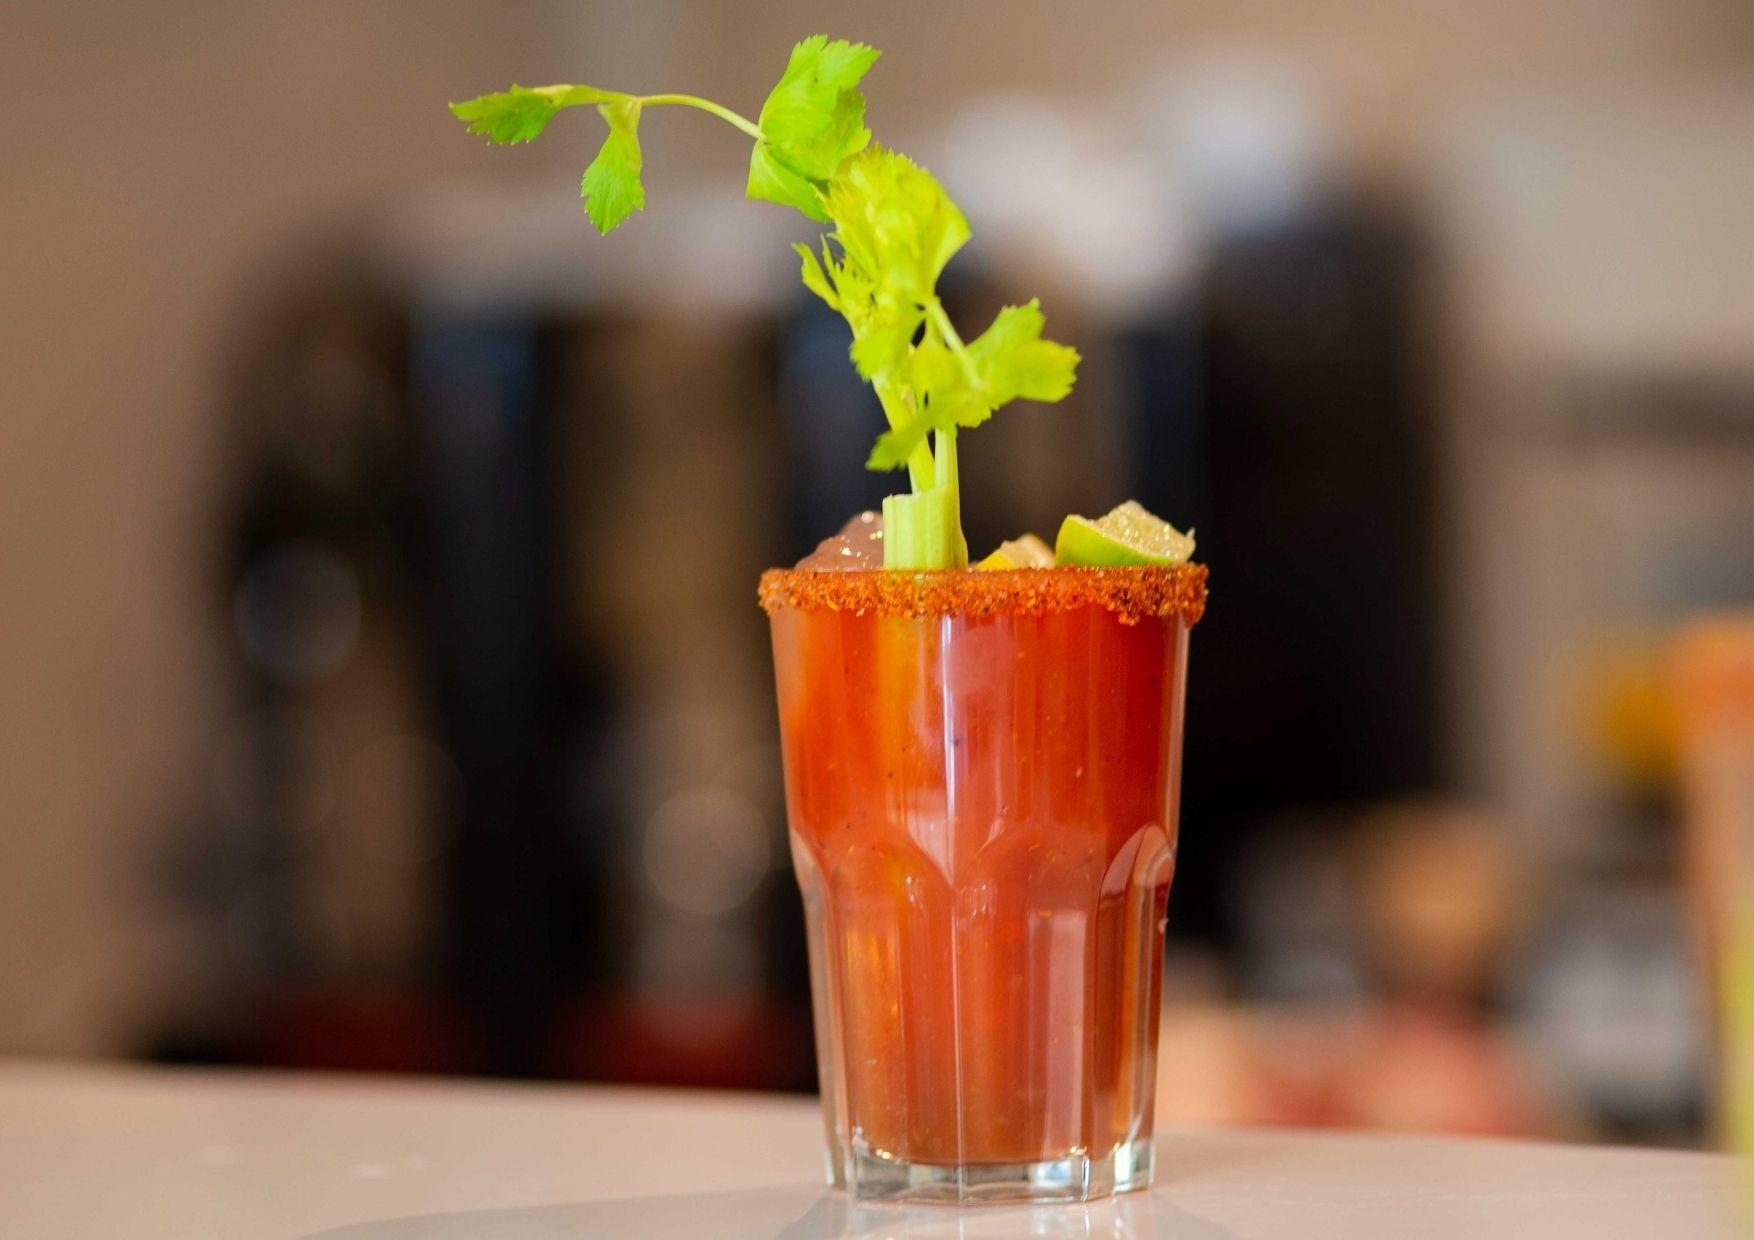 bar barcelona - cócteles barcelona - cocktail barcelona - Bloody Mary